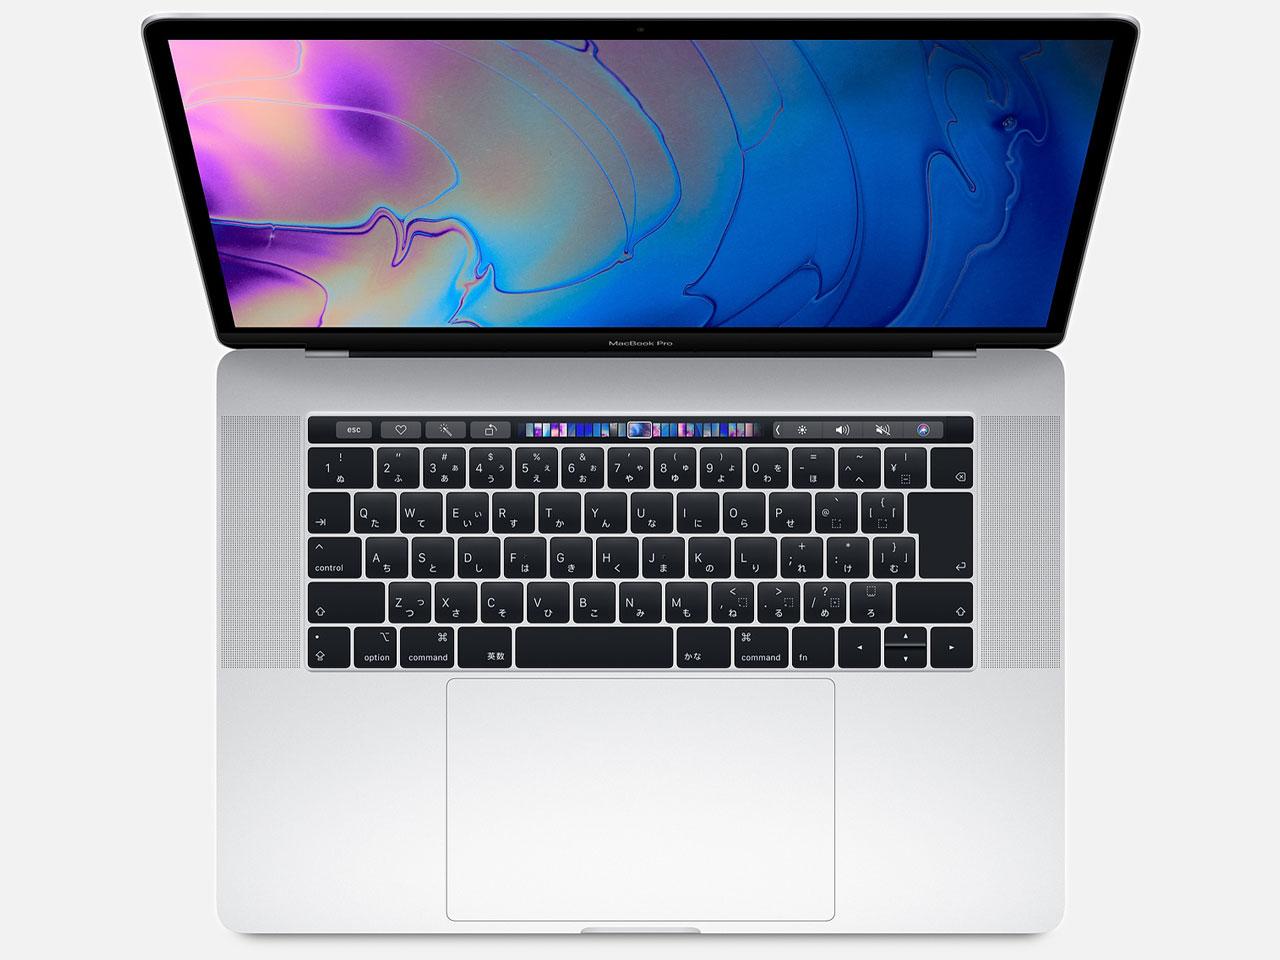 MacBook Pro Retinaディスプレイ 2200/15.4 MR962J/A [シルバー]